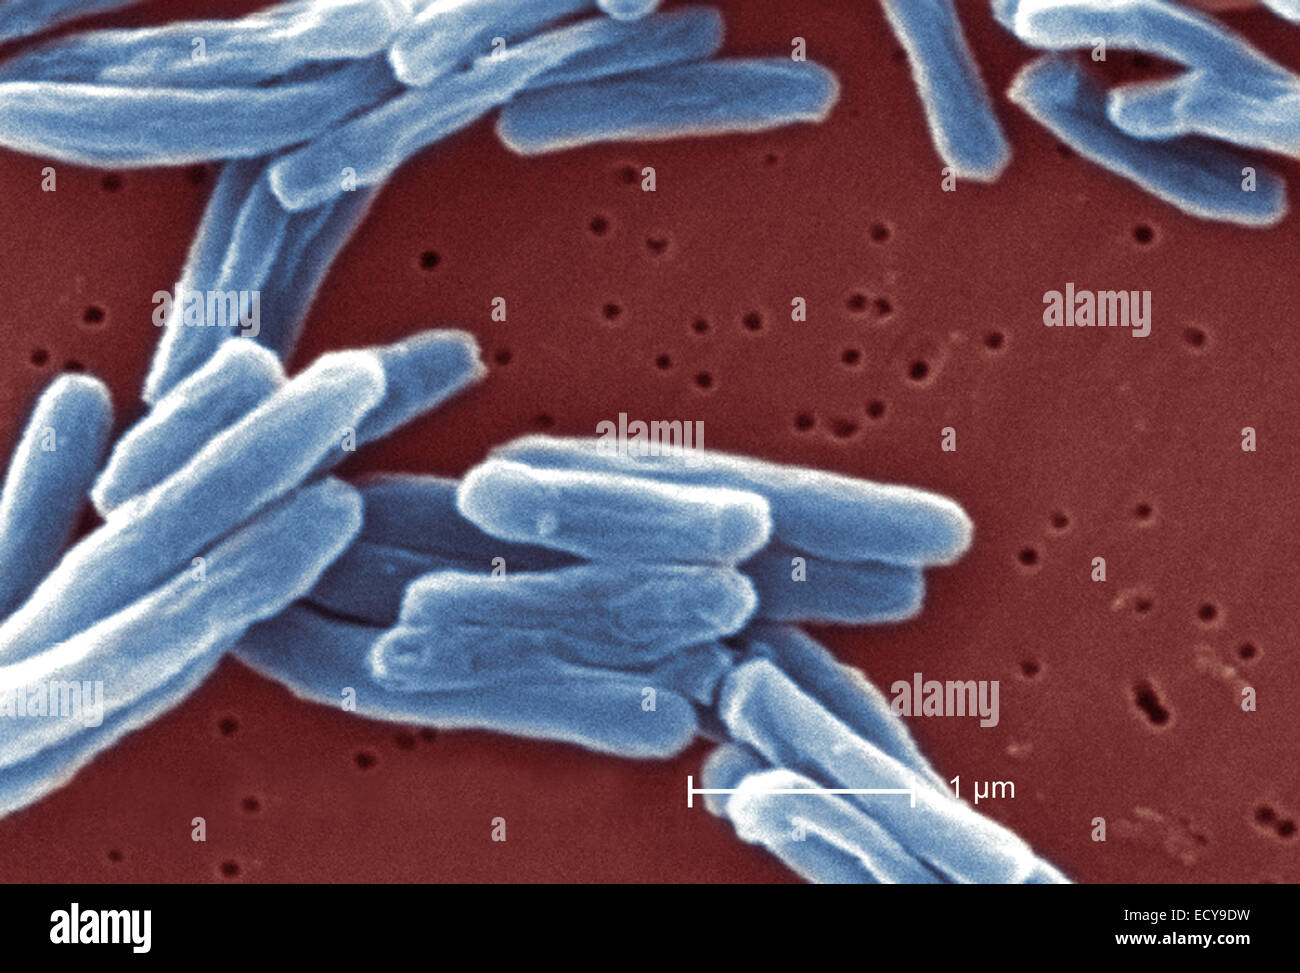 Scanning Electron Schliffbild der Tuberkulose-Bakterien. Stockfoto